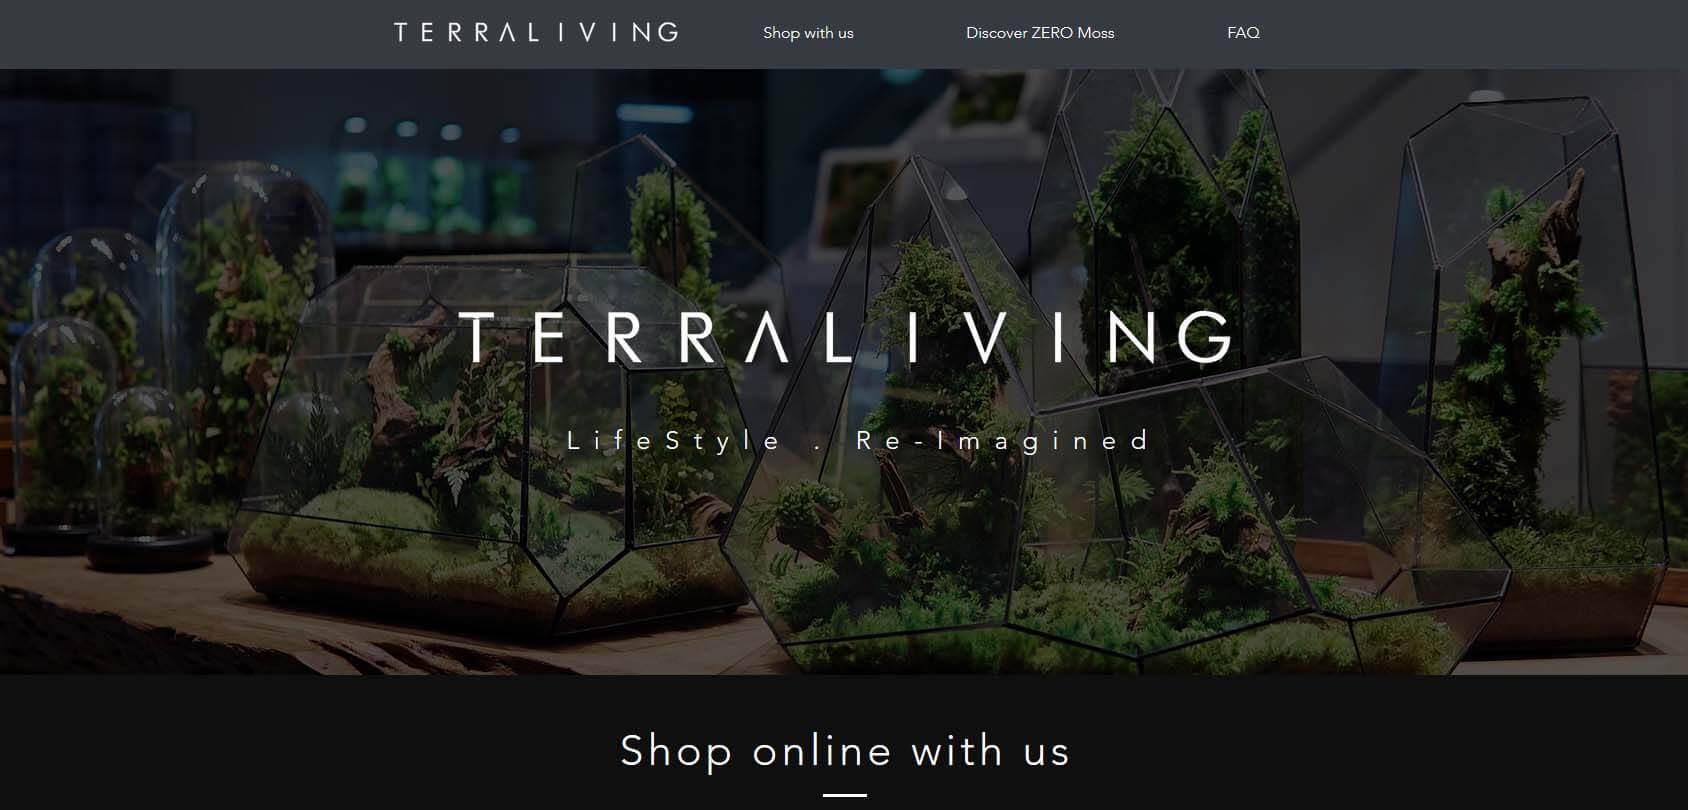 TerraLiving Homepage